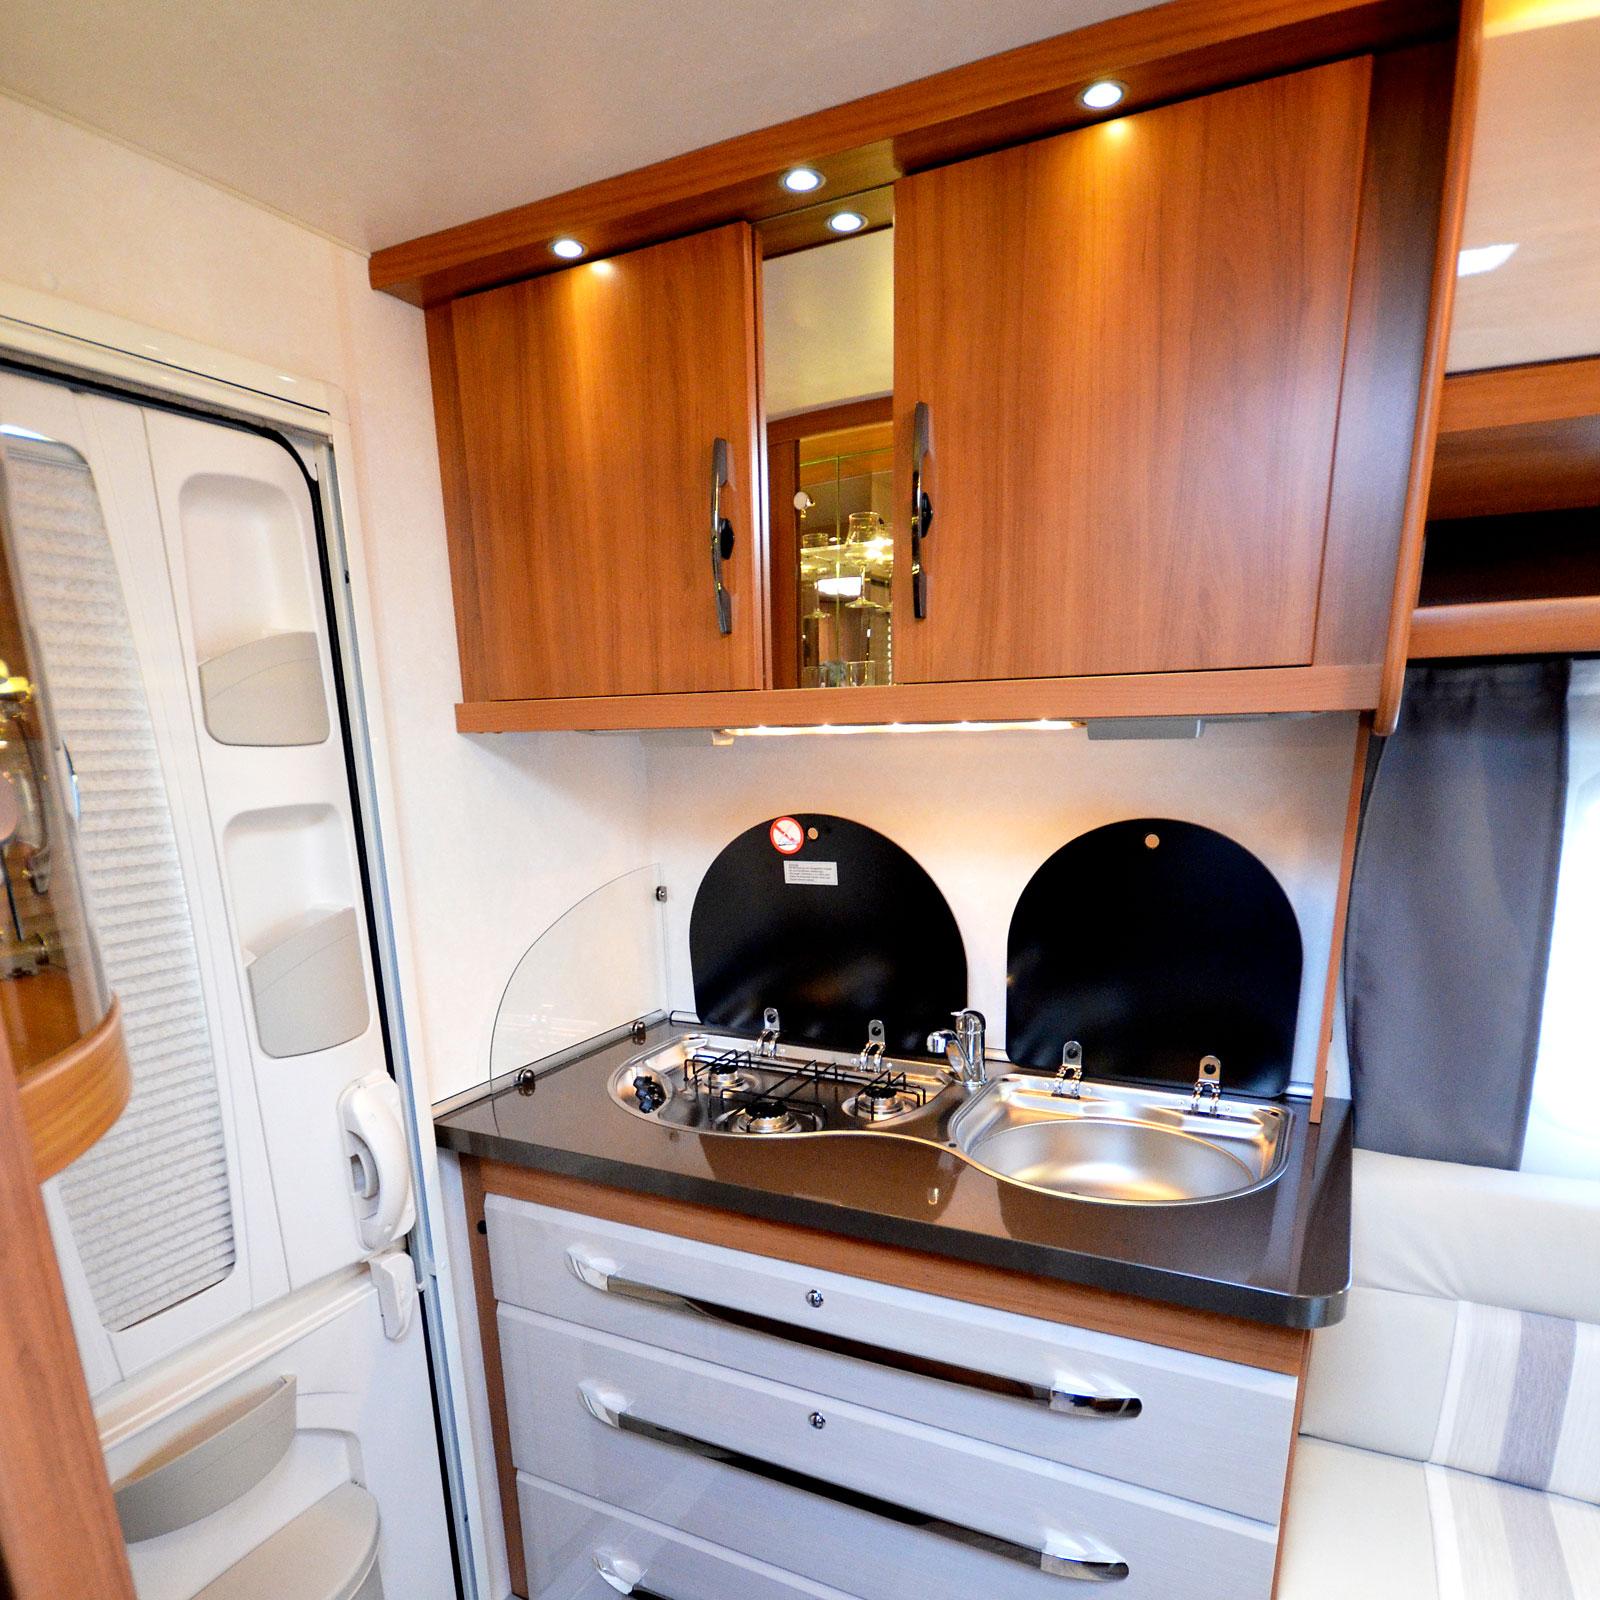 Välkommen. Entrén är placerad långt bak med köket till vänster. Det är tillräckligt med arbetsytor runt både diskhon och spisen.